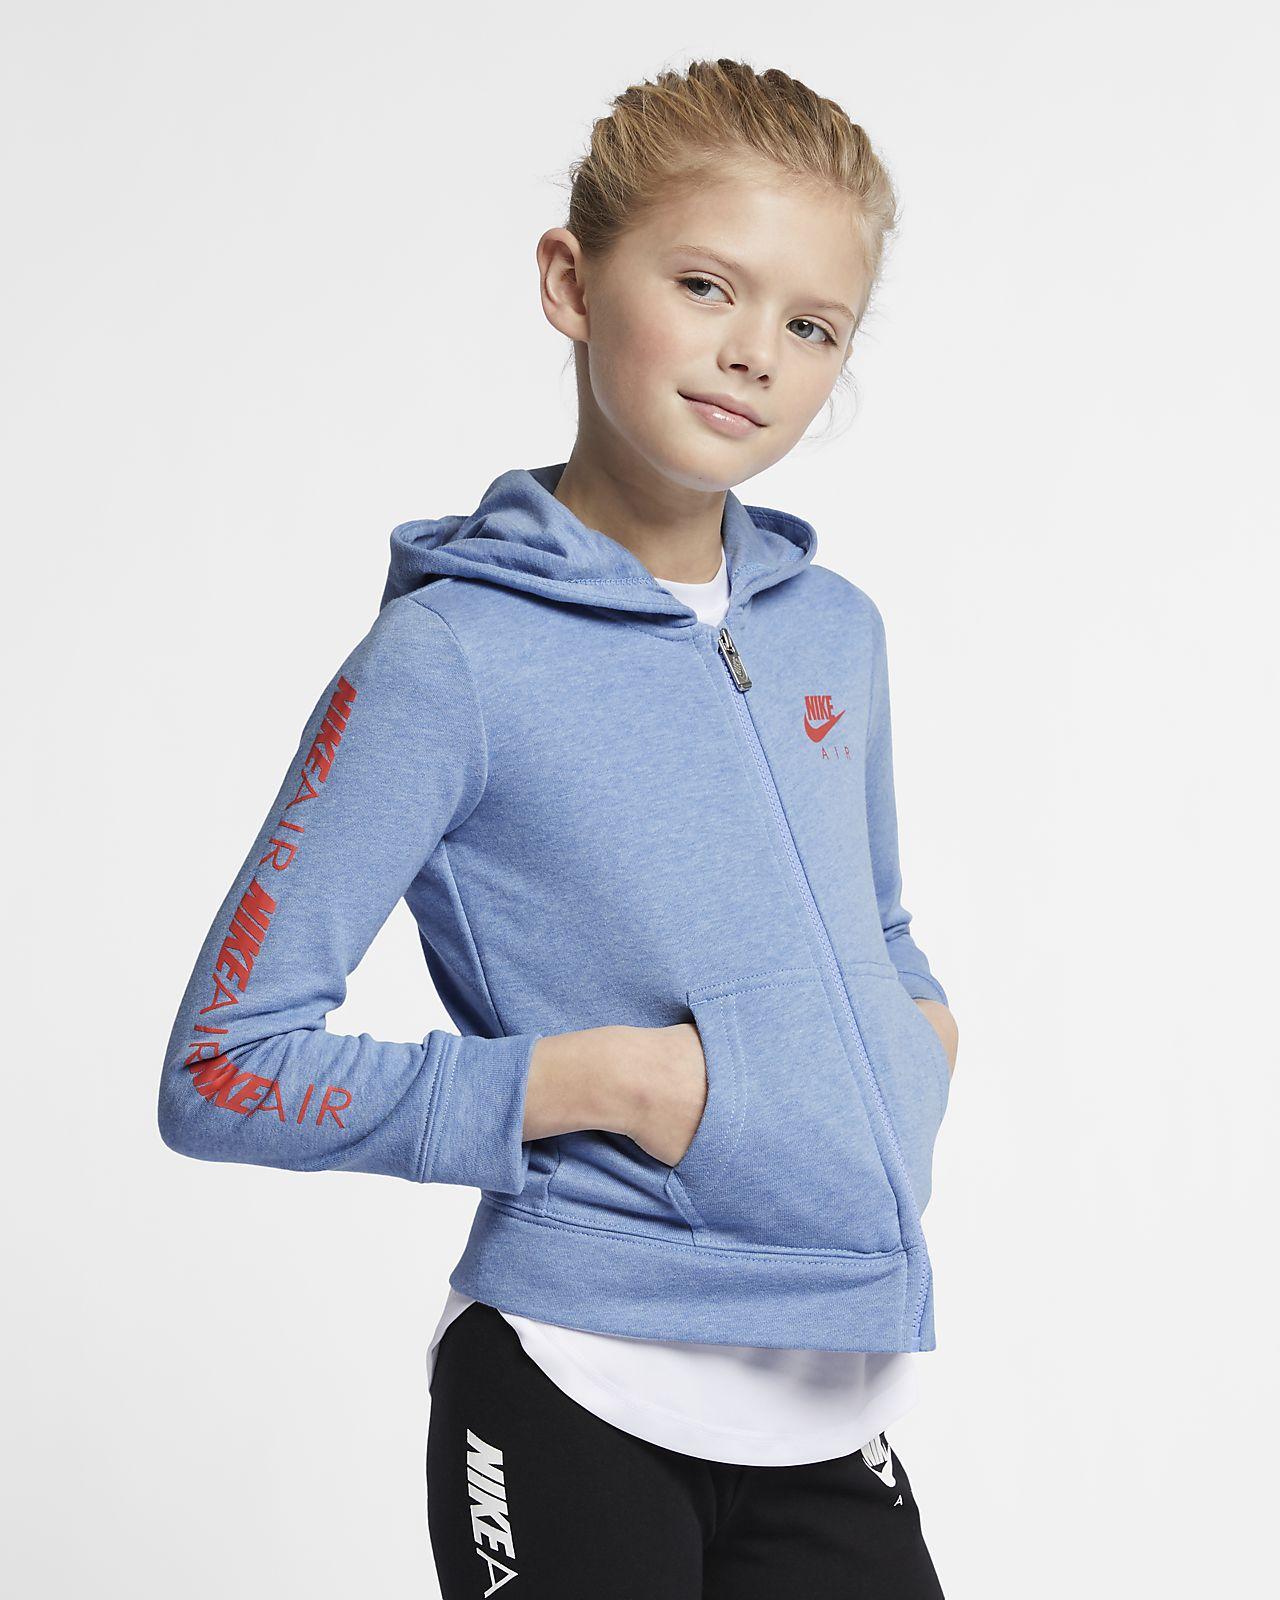 Nike Air Little Kids' Full-Zip Hoodie